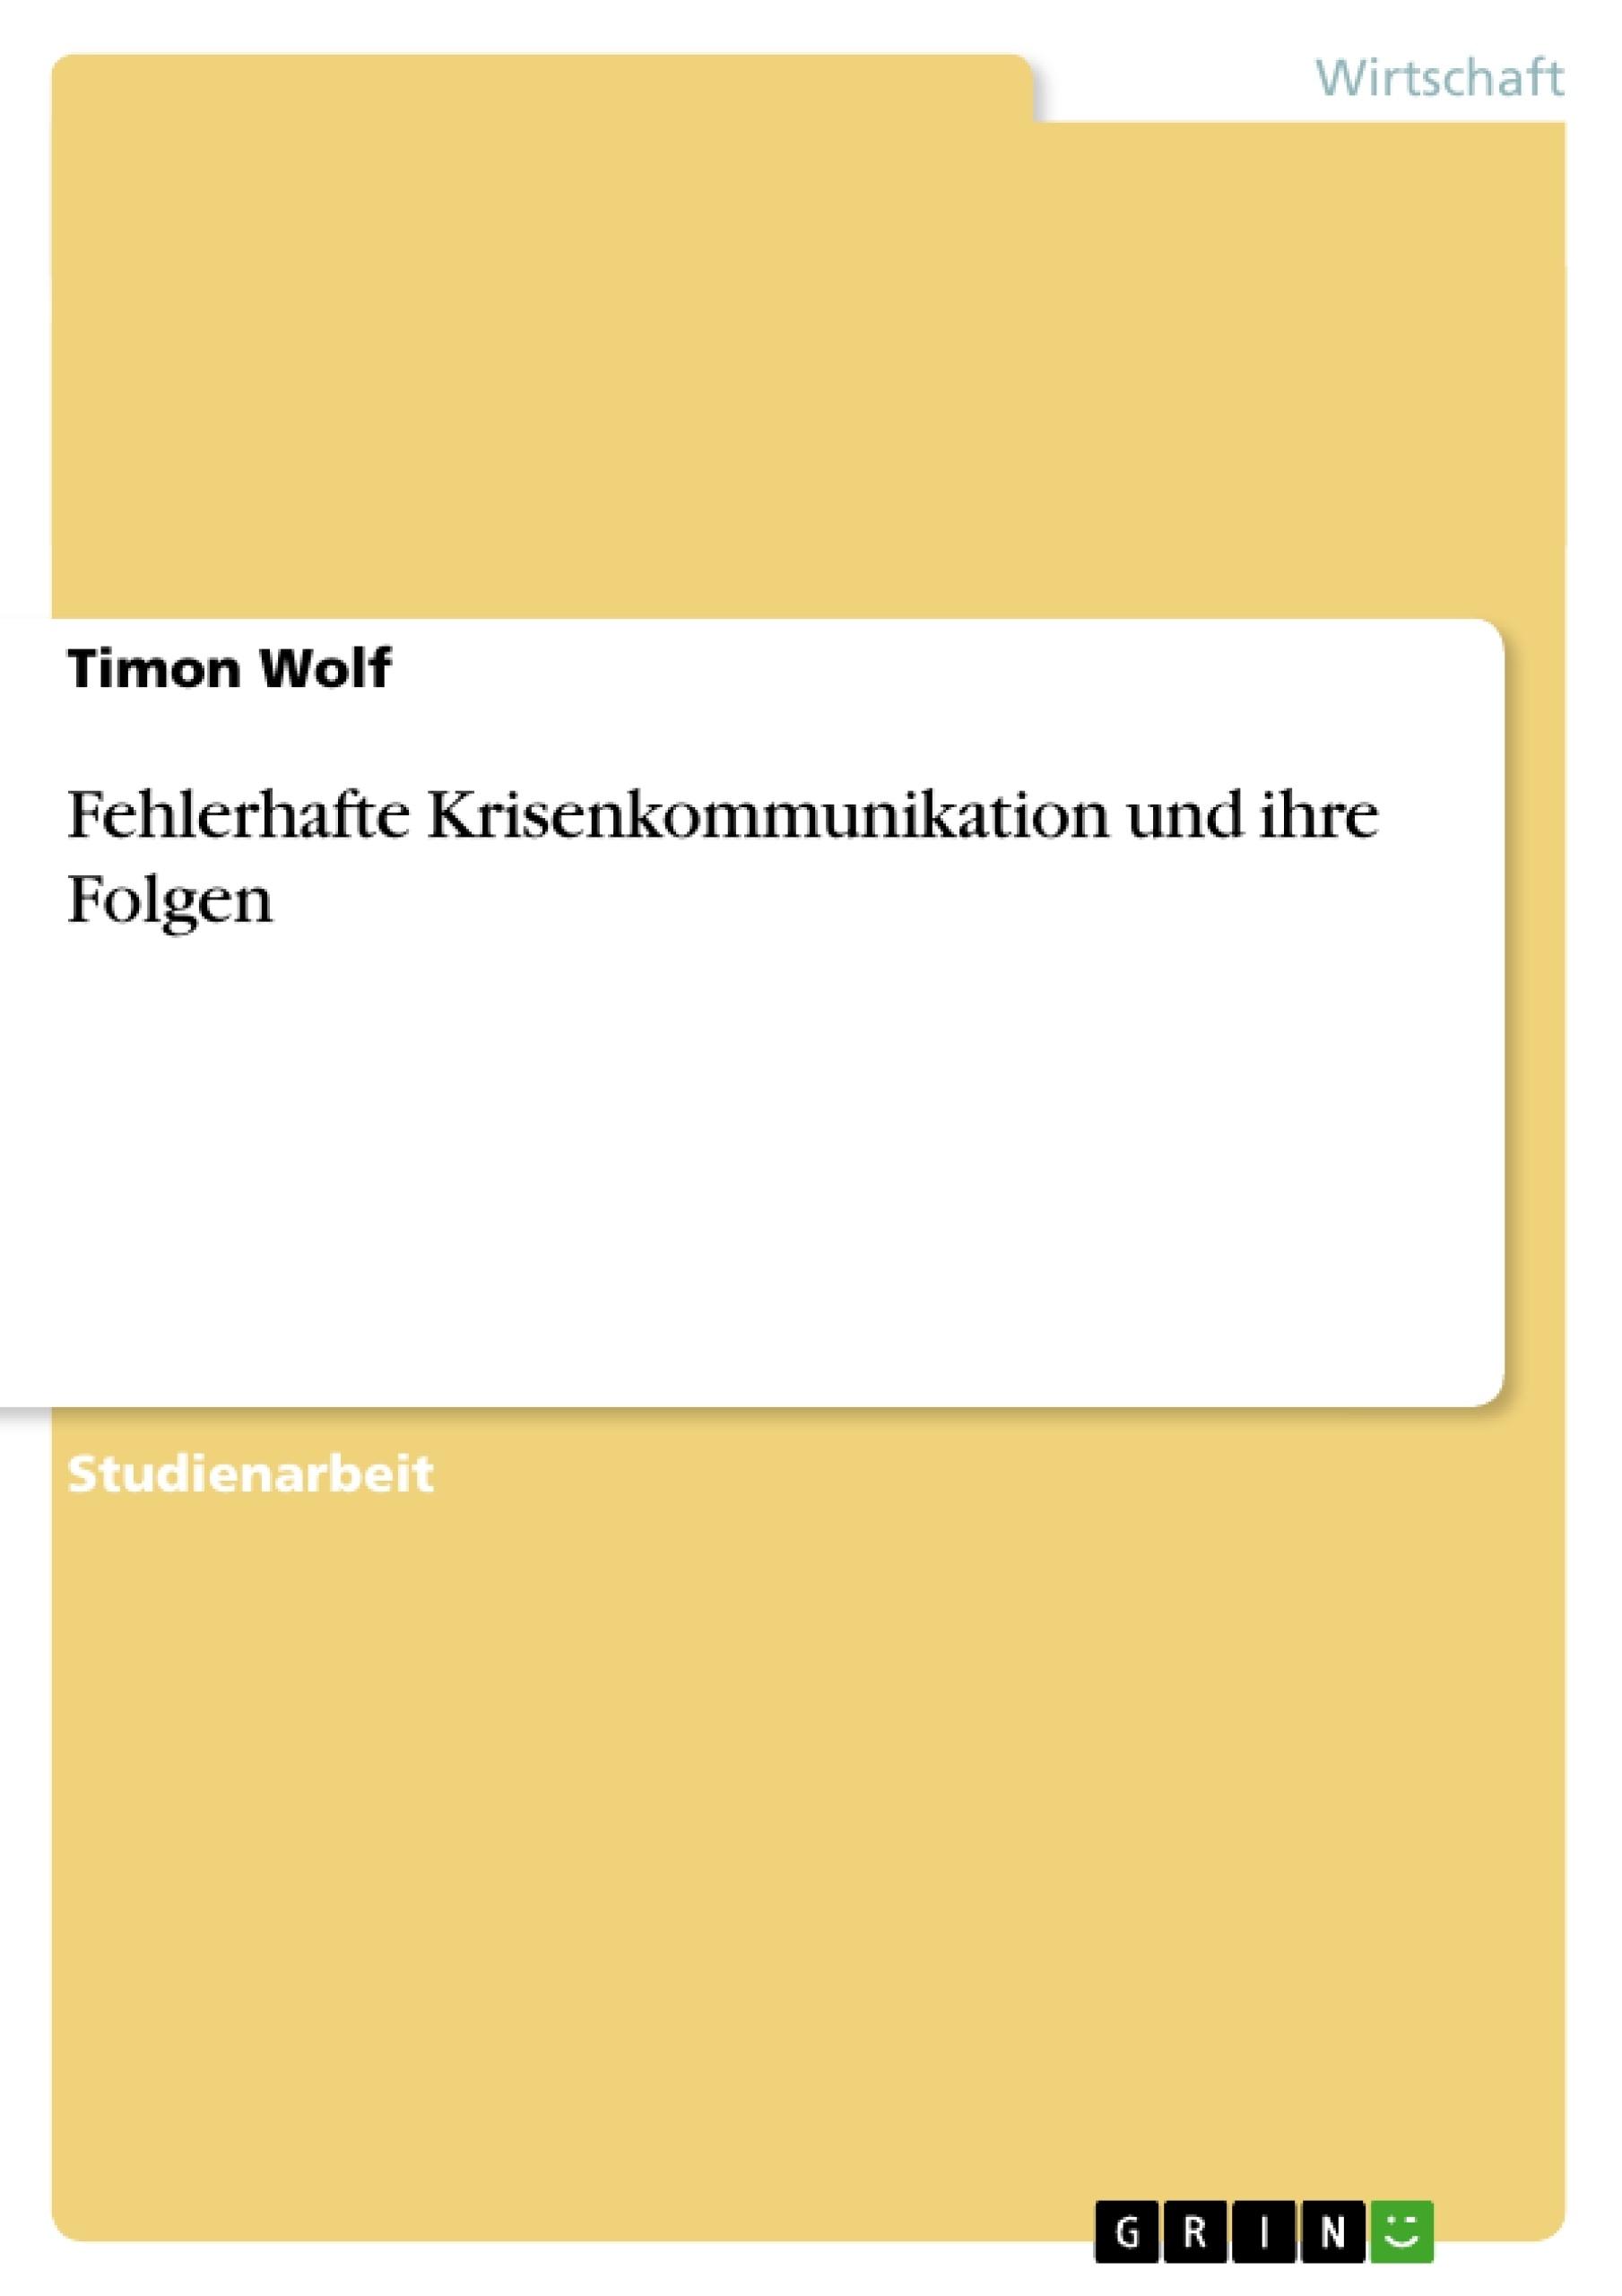 Titel: Fehlerhafte Krisenkommunikation und ihre Folgen